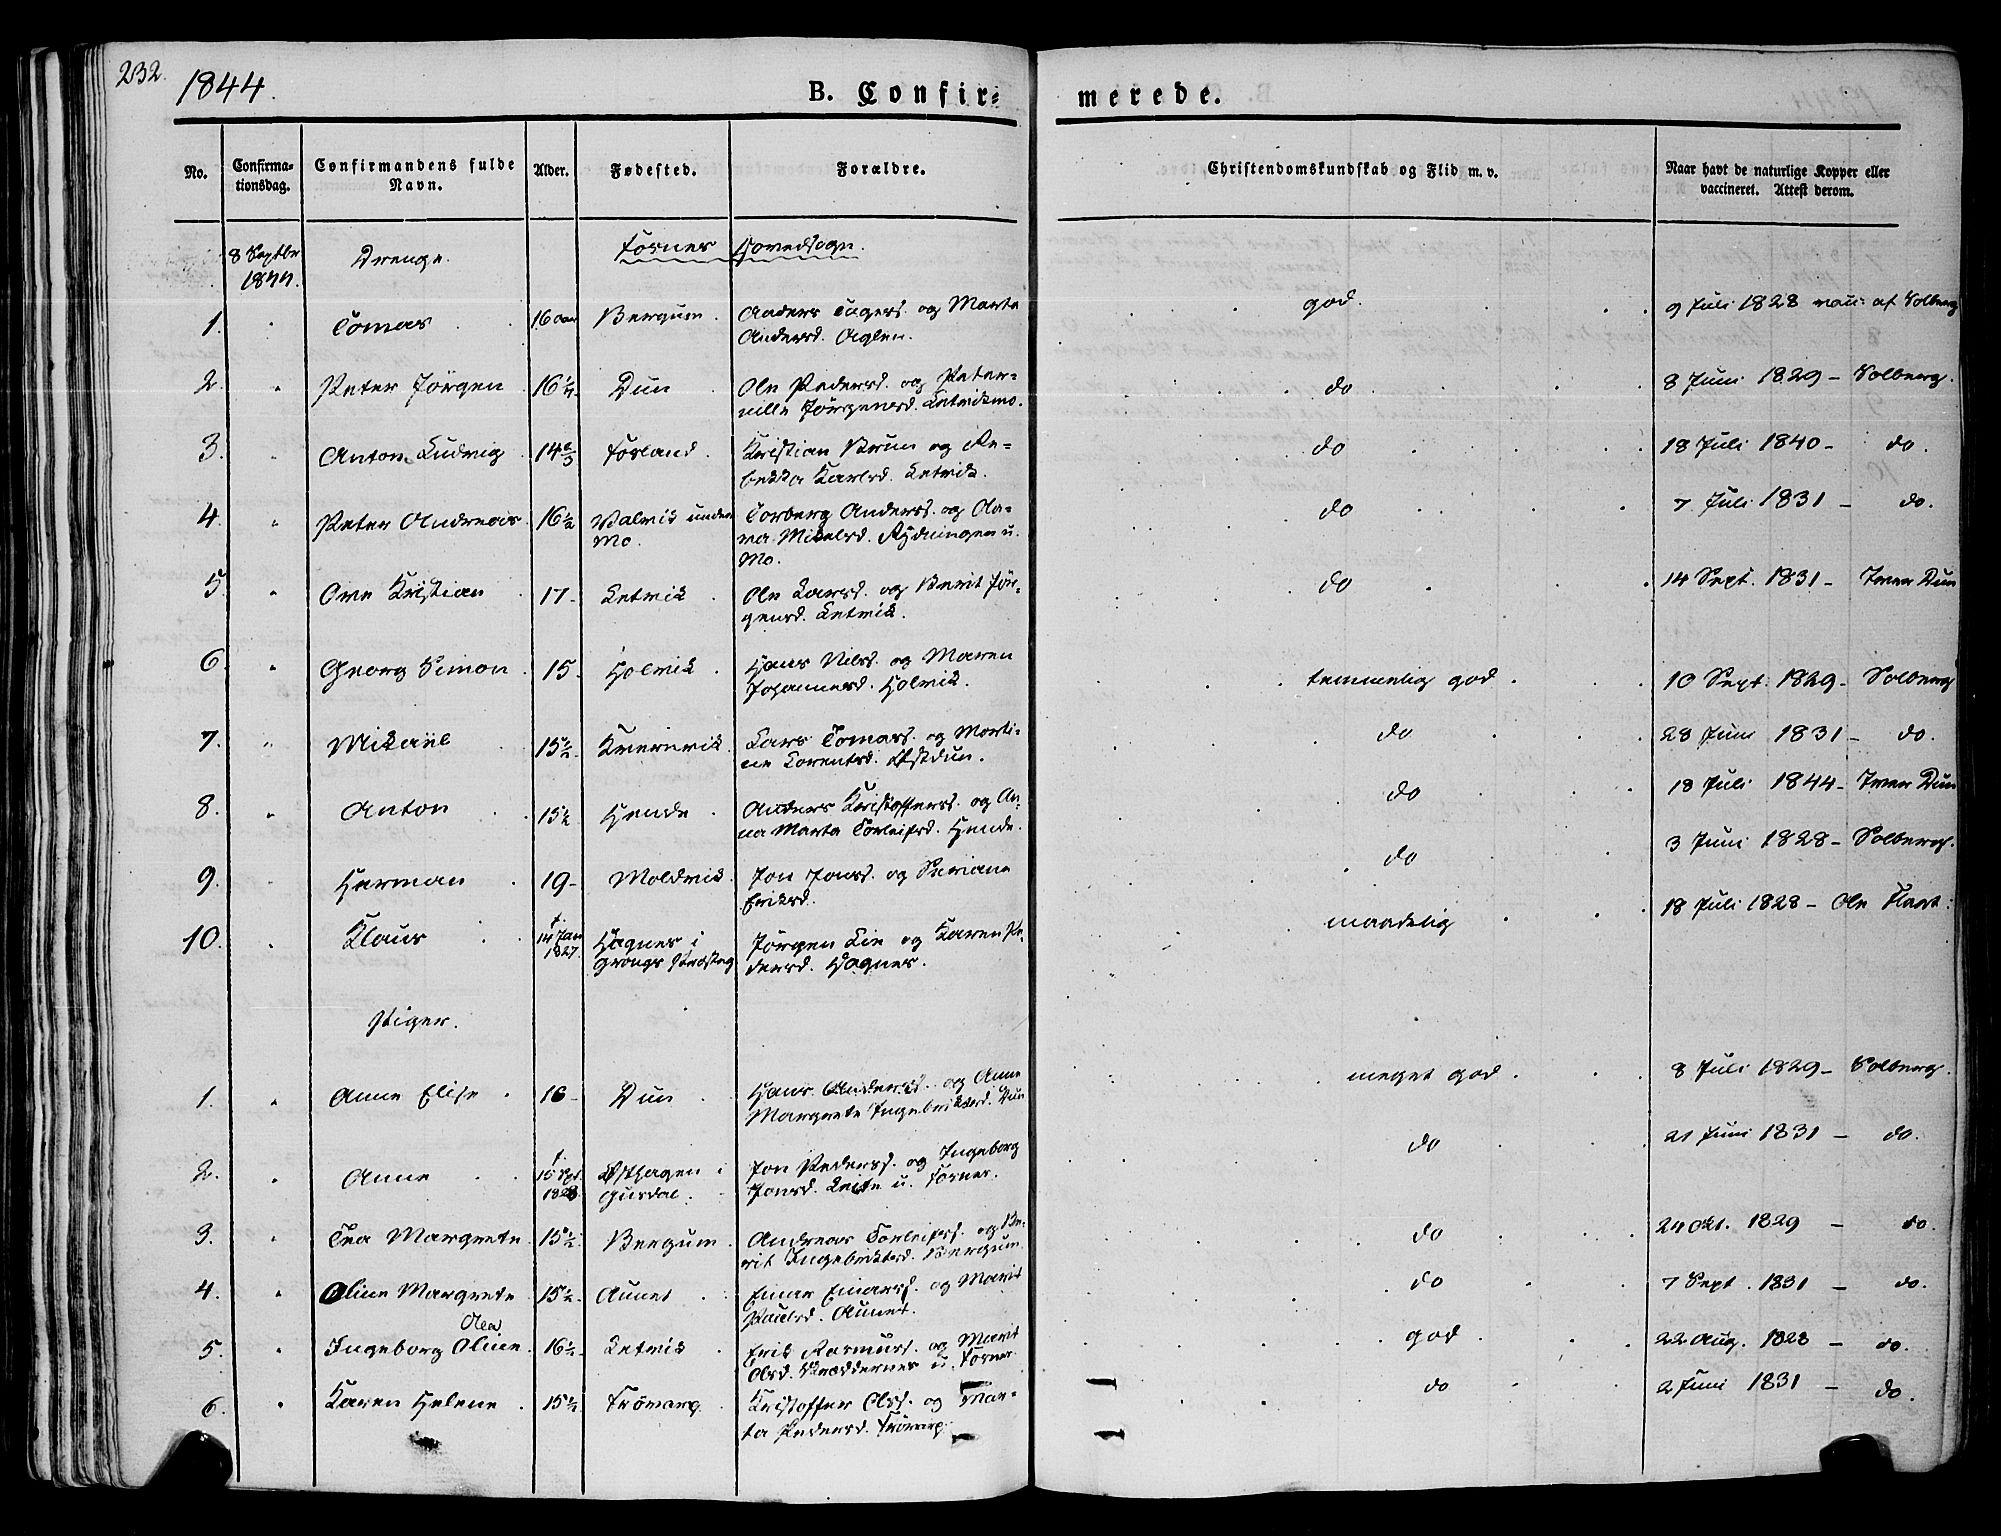 SAT, Ministerialprotokoller, klokkerbøker og fødselsregistre - Nord-Trøndelag, 773/L0614: Ministerialbok nr. 773A05, 1831-1856, s. 232